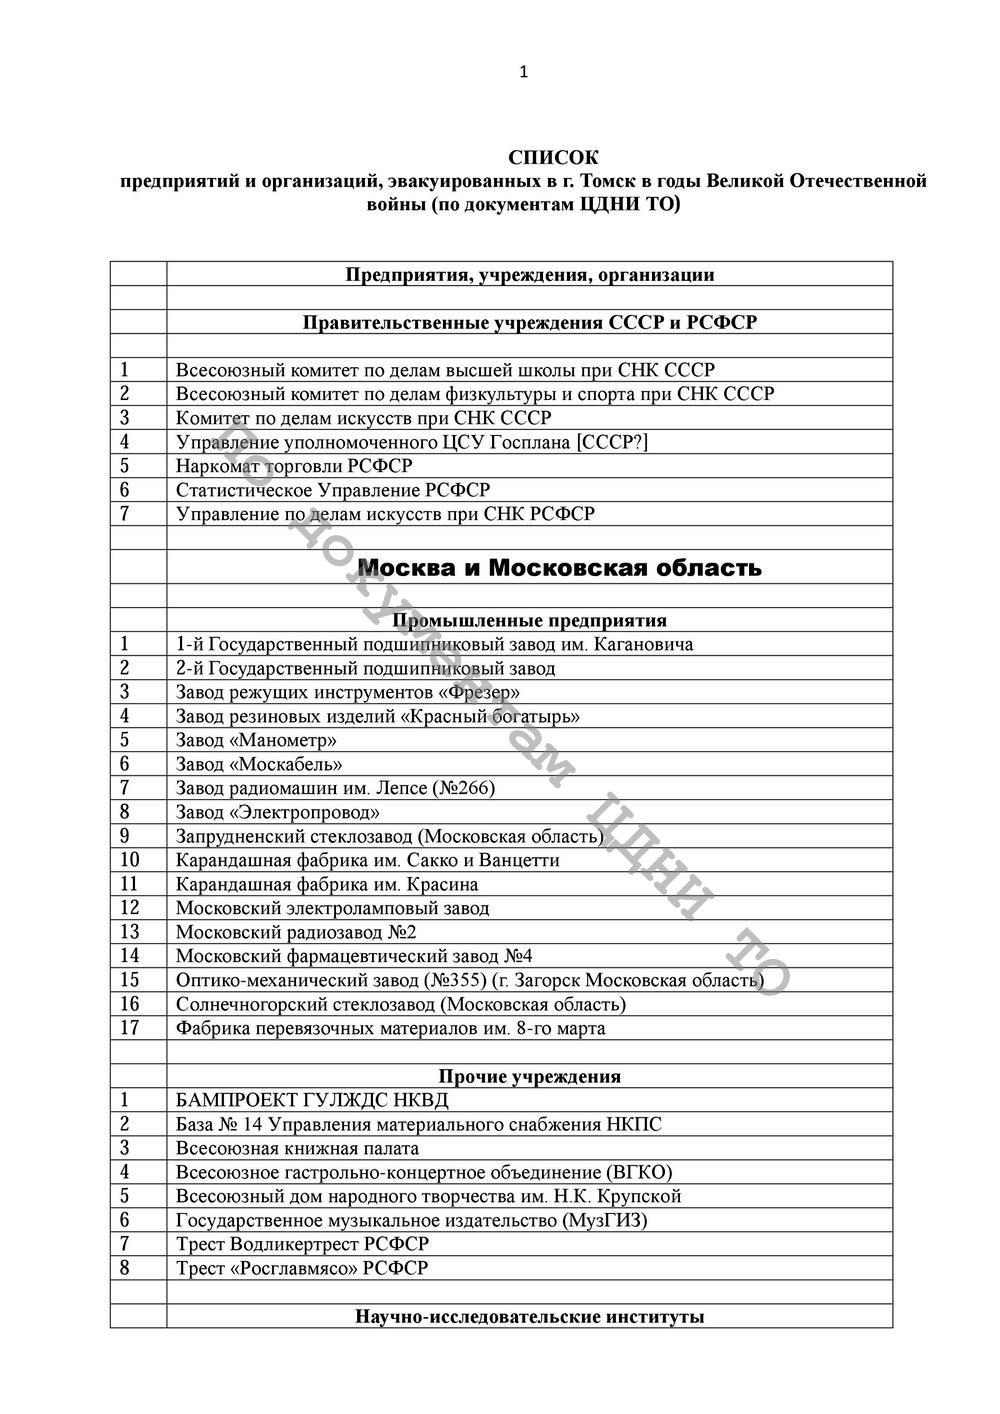 Лист 1. Список предприятий и учреждений, эвакуированных в Томск в годы ВОВ